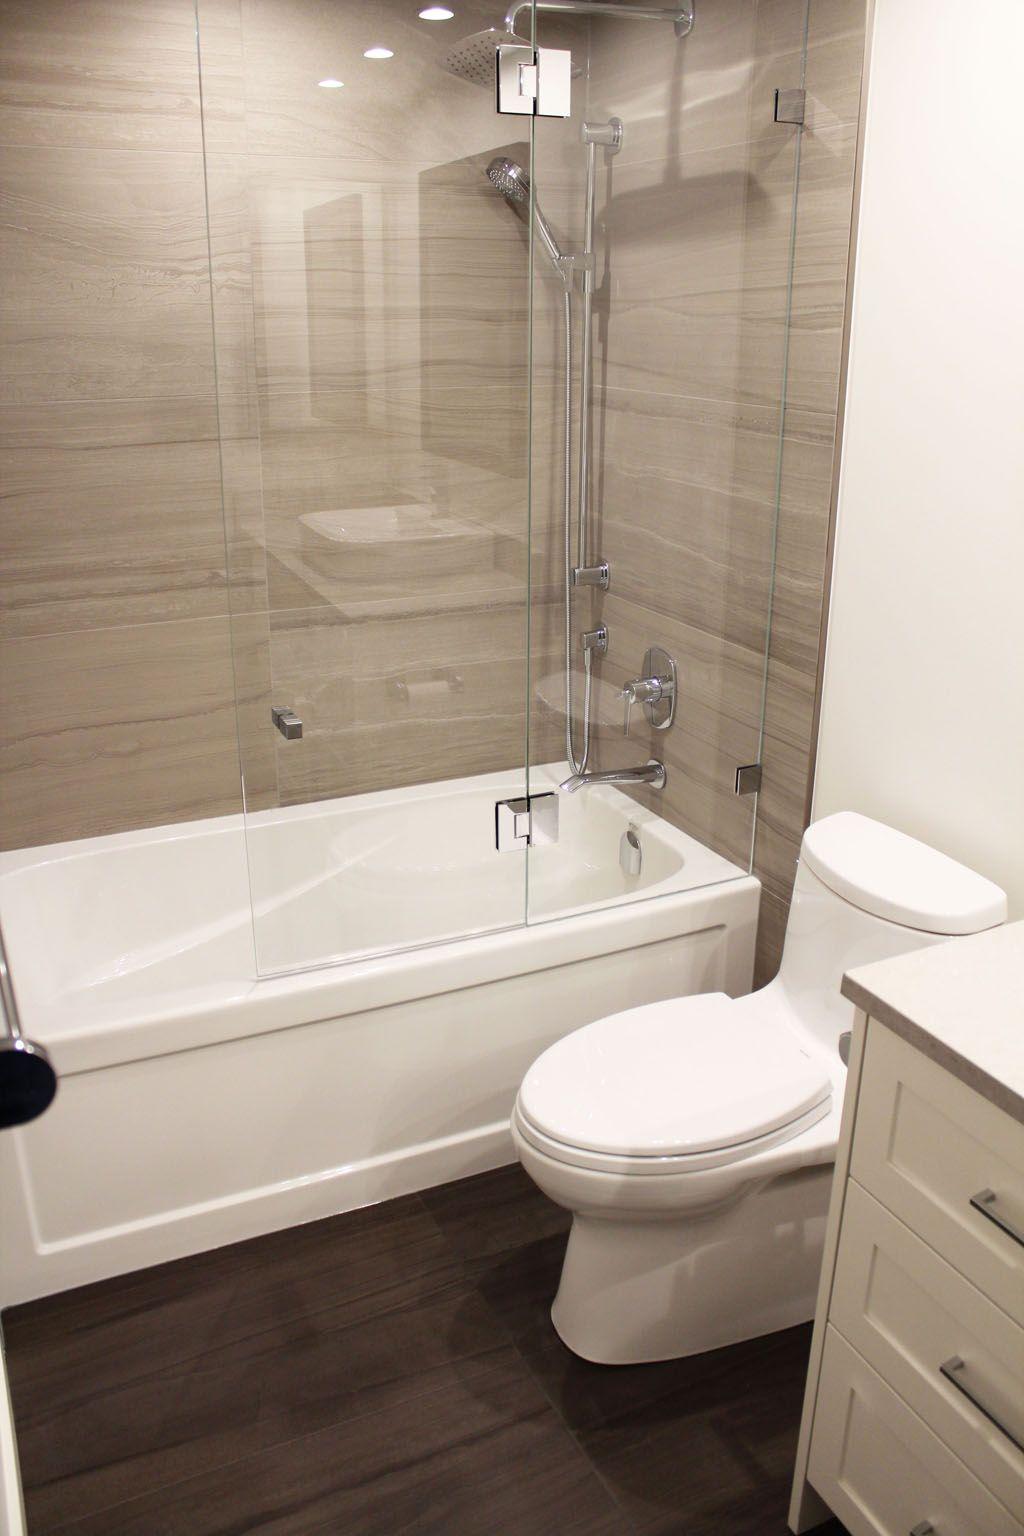 Vancouver Bathroom Condo Renovation Project West Th Bathrooms - Condo bathroom remodel ideas